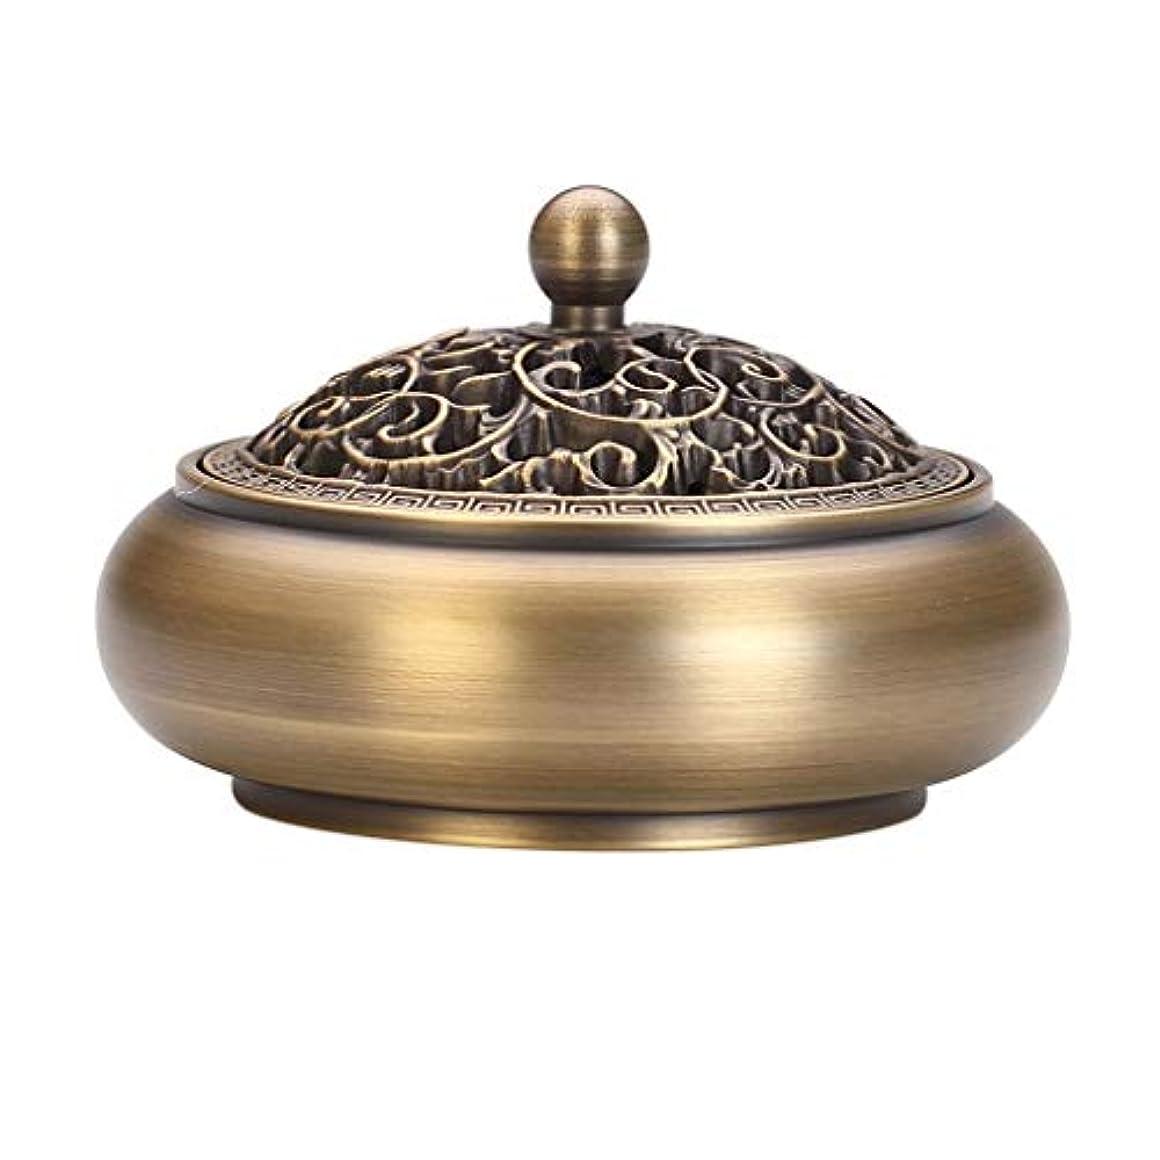 若さフォーカス記憶に残る芳香器?アロマバーナー 純粋な銅香炉アンティーク家庭用浄化空気ディスク香バーナー寒天木材白檀炉 アロマバーナー (Color : Brass)